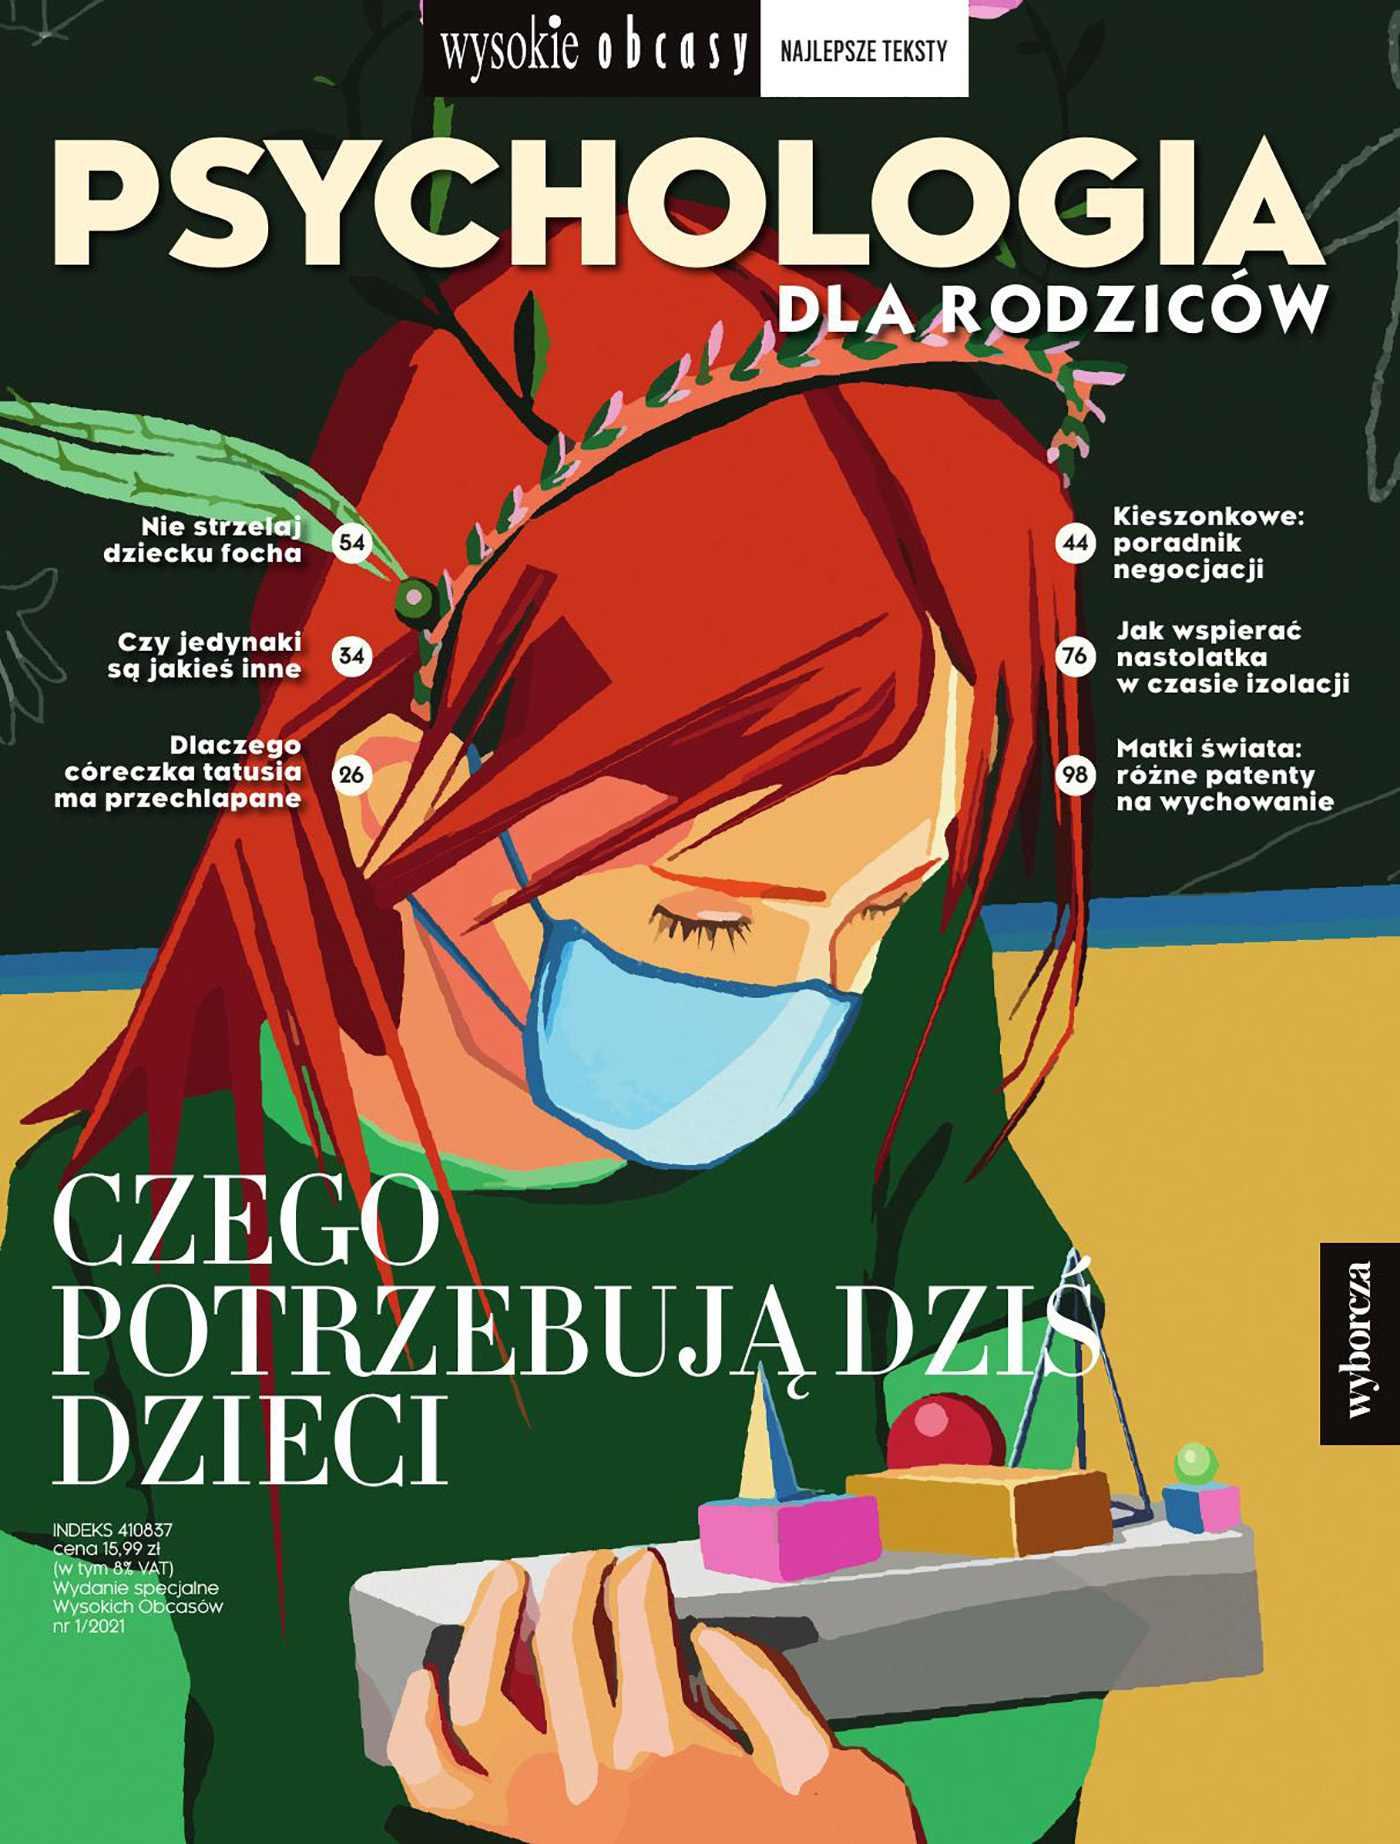 Psychologia dla rodziców 1/2021. Wysokie Obcasy. Wydanie specjalne - Ebook (Książka EPUB) do pobrania w formacie EPUB